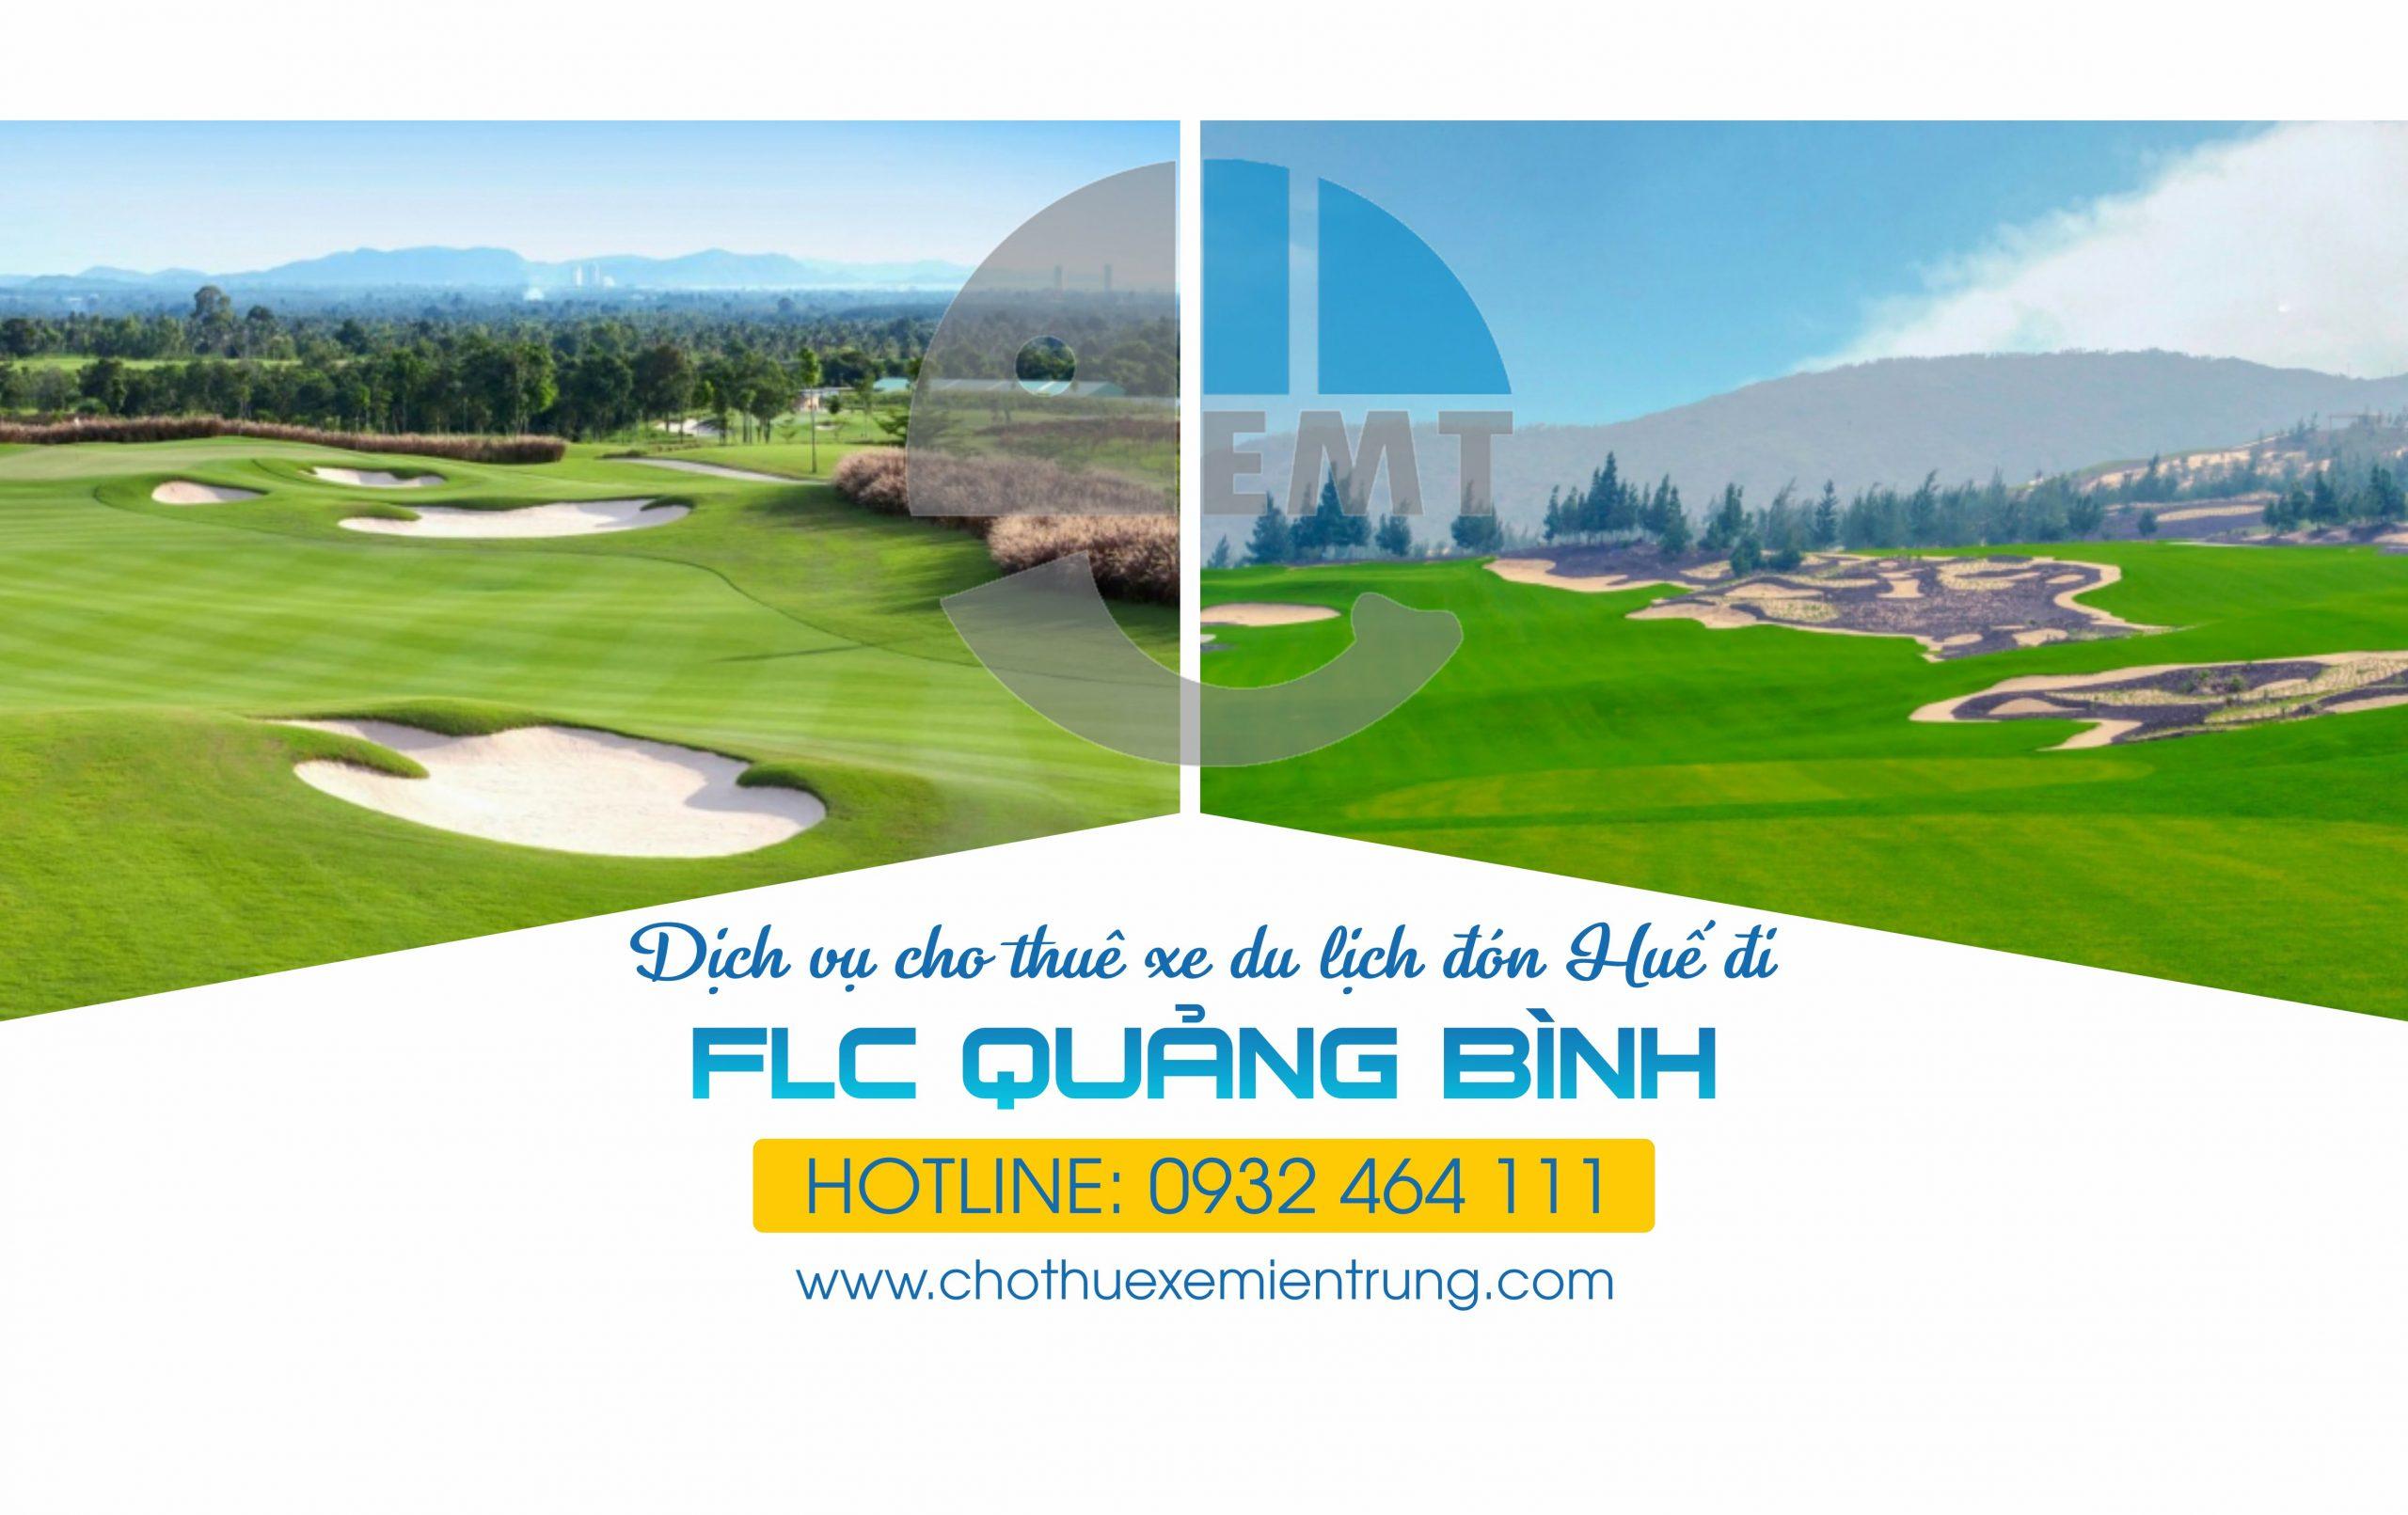 Bảng giá thuê xe Huế đi sân golf FLC Quảng Bình Golf Links